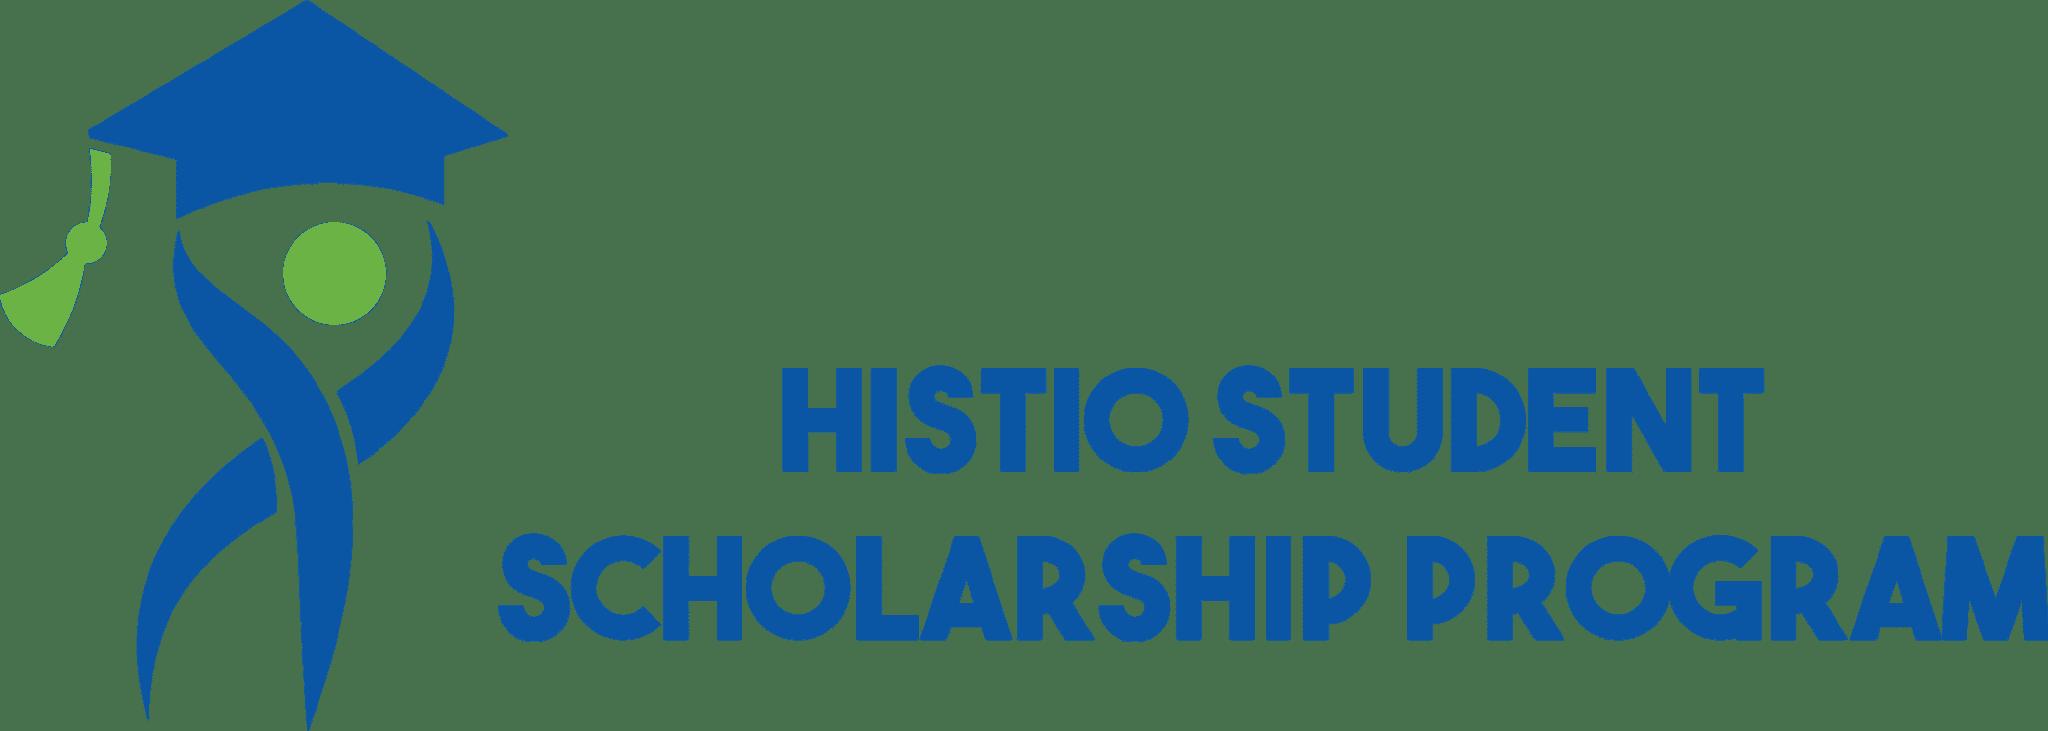 image of scholarship logo